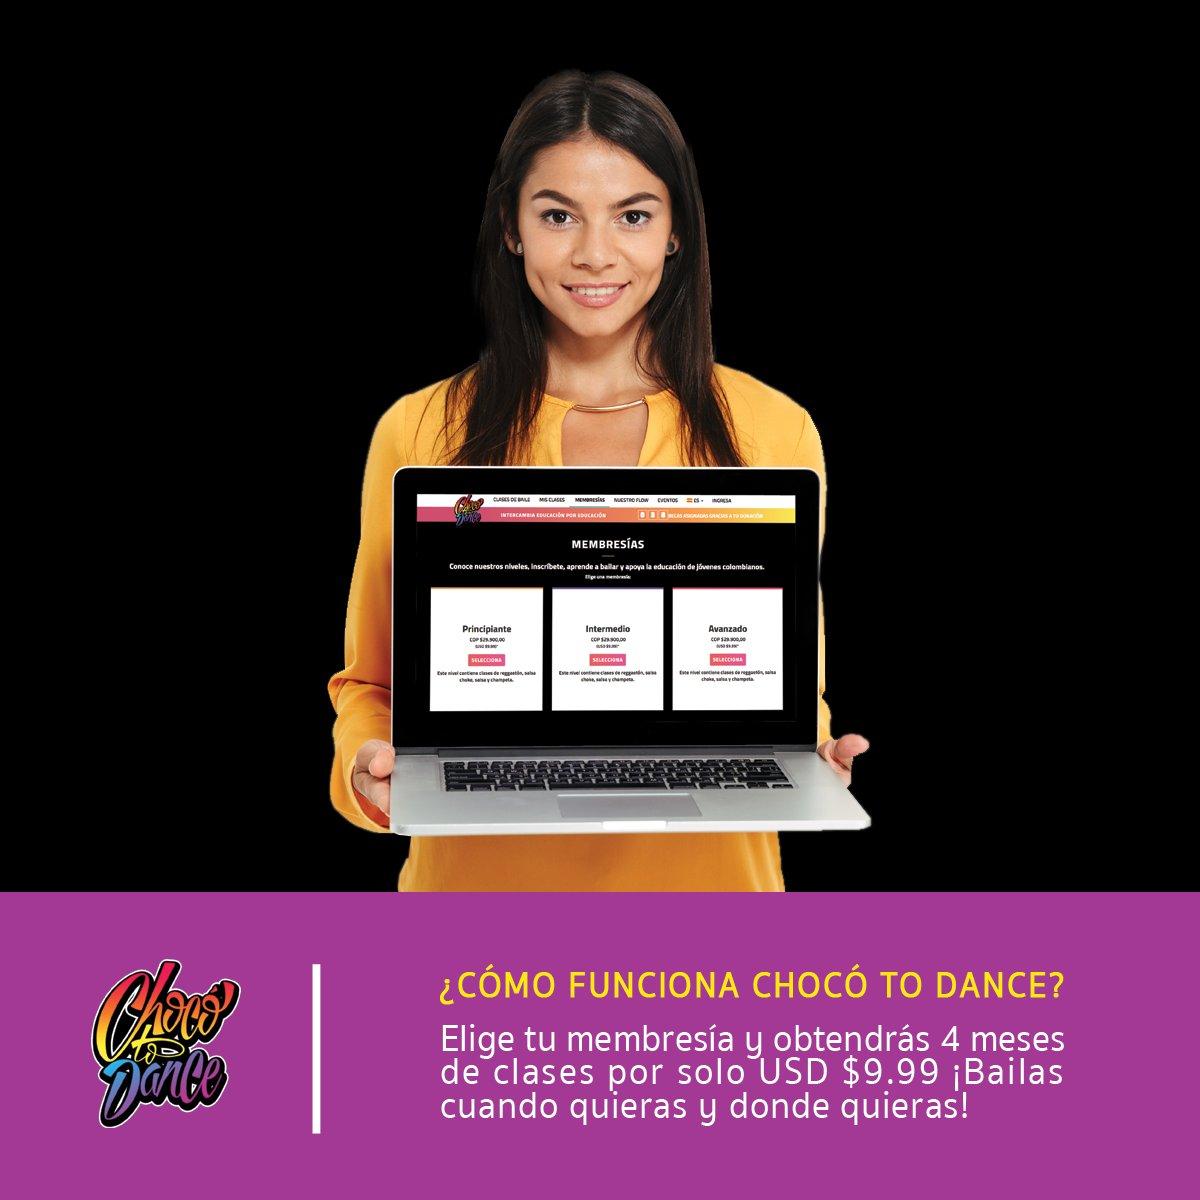 test Twitter Media - Lo primero será elegir una membresía según tus habilidades de #baile. Recuerda que no importa cuál escojas porque con cada nivel tienes clases en cuatro géneros: #Reggaeton, #Champeta, #Salsa y #Choke.  https://t.co/EyUecYn8mf https://t.co/L5Jkvpawwc